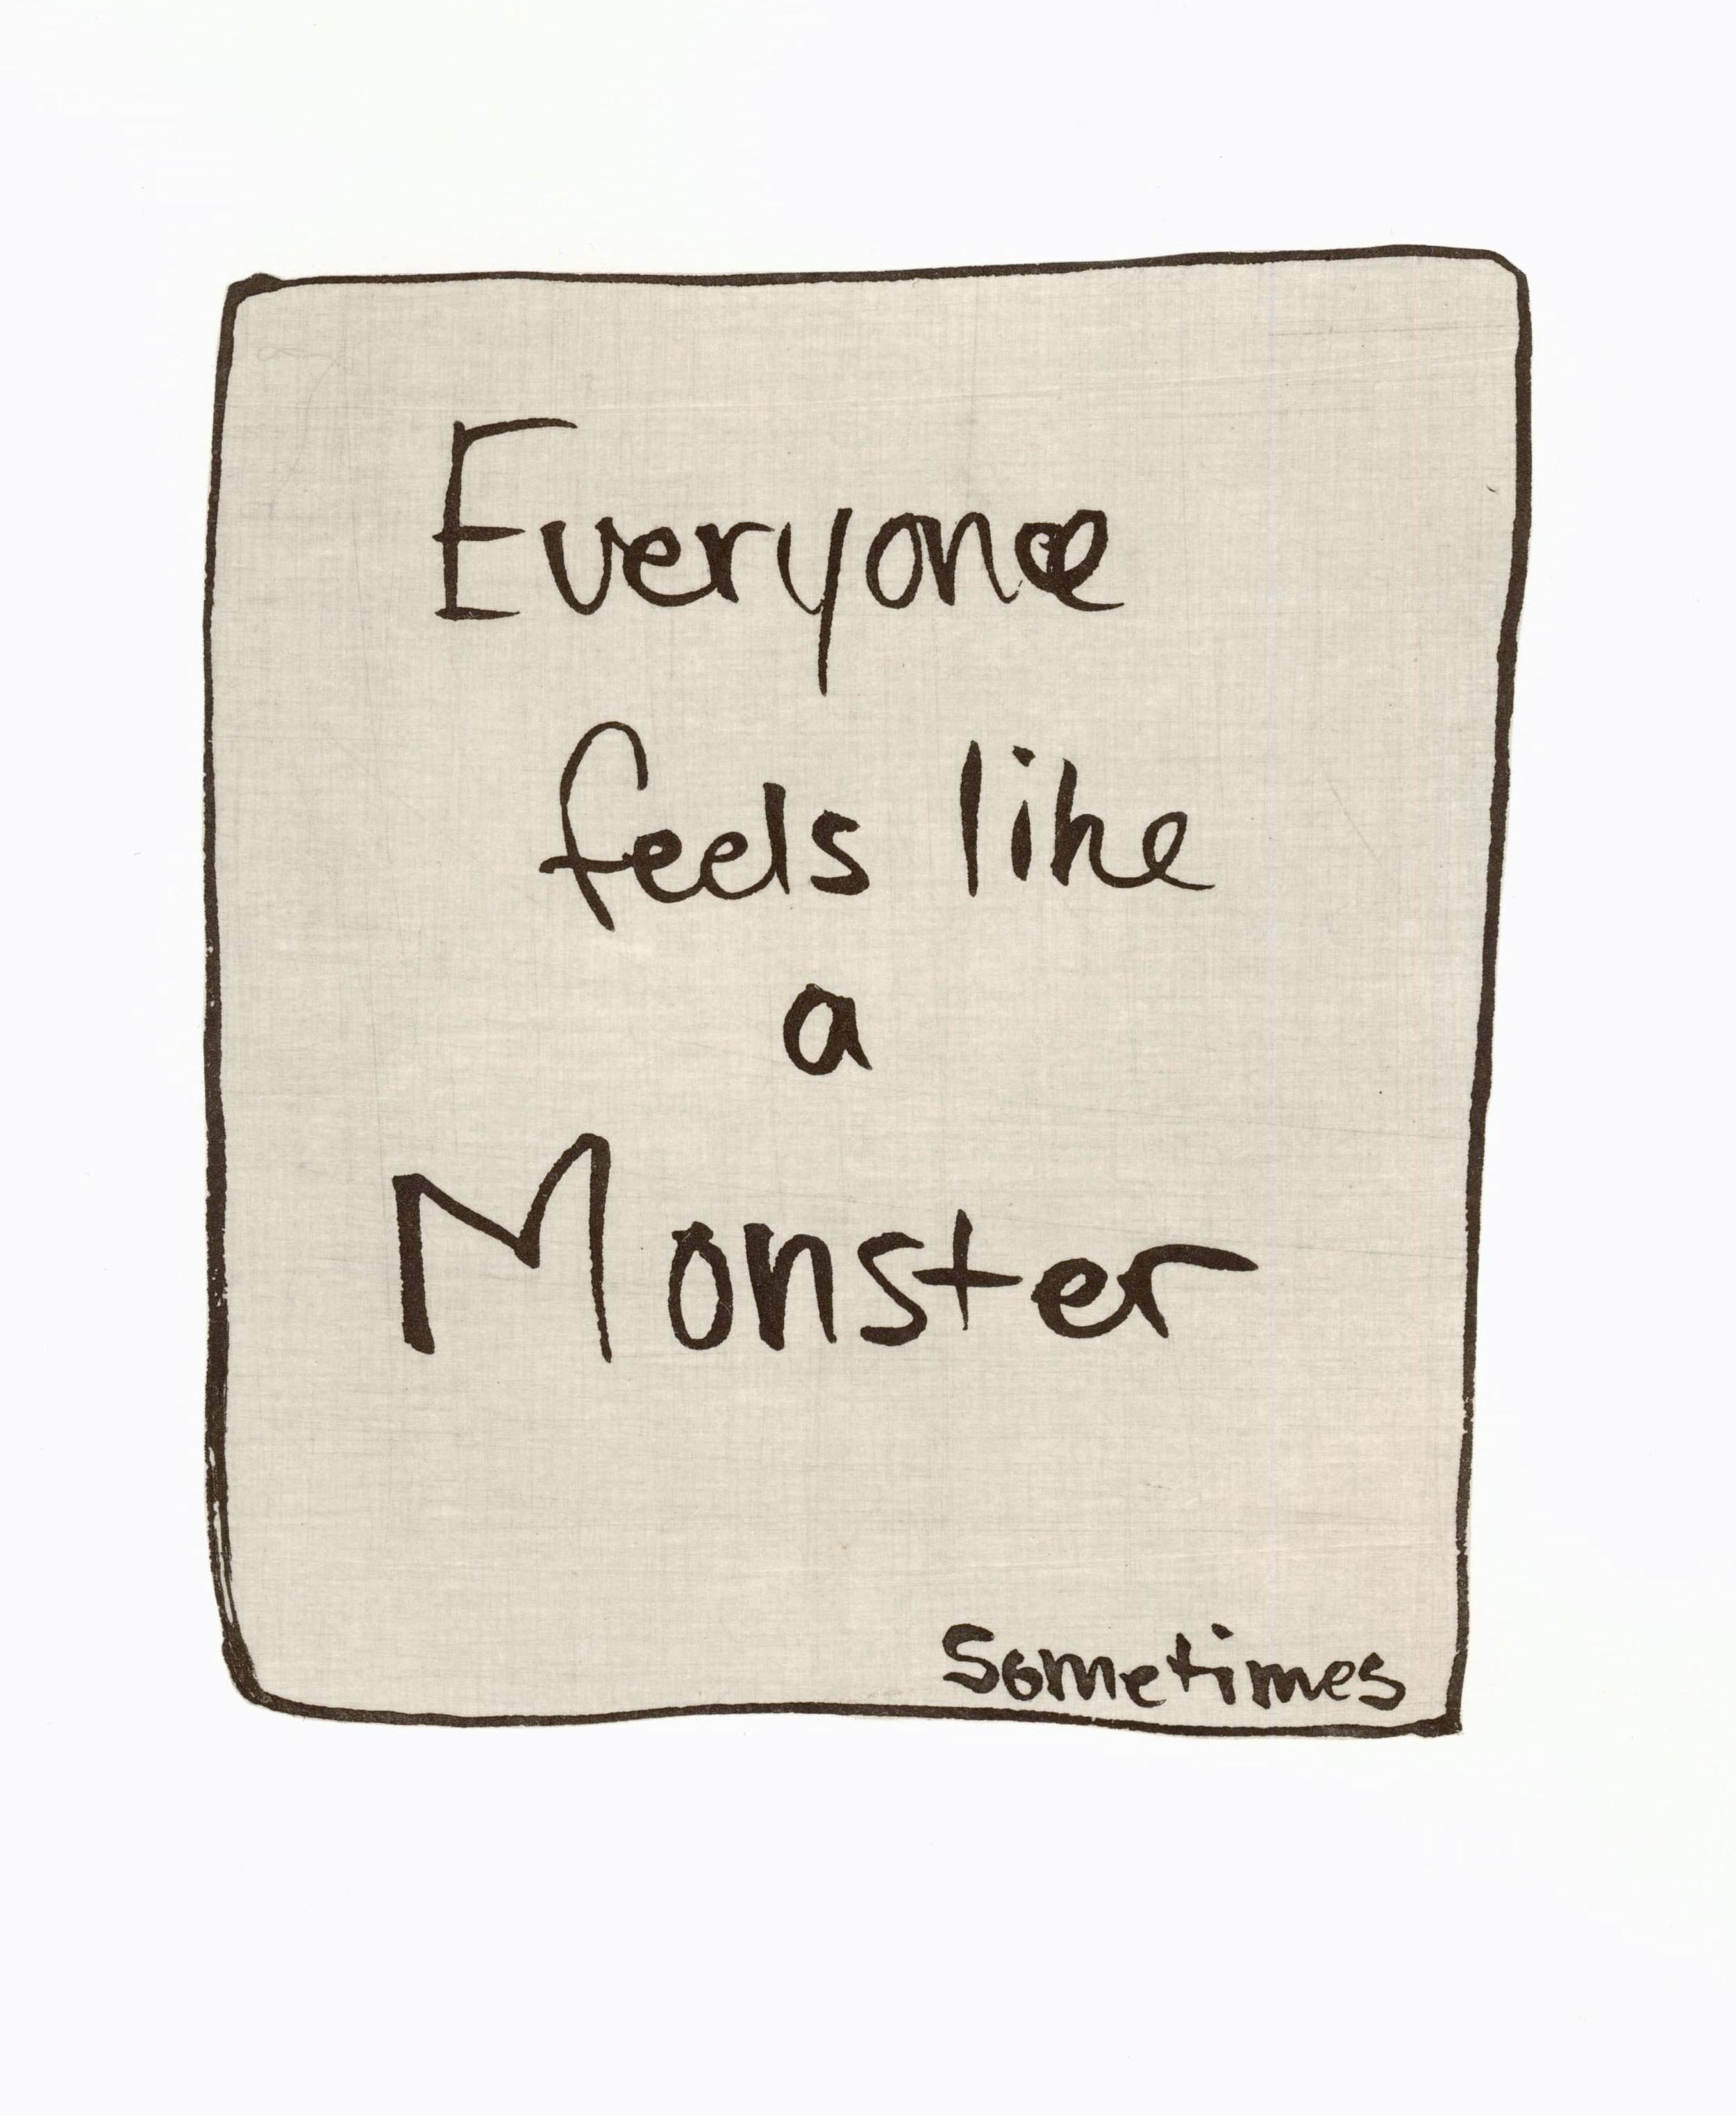 Everyone Feels Like a Monster